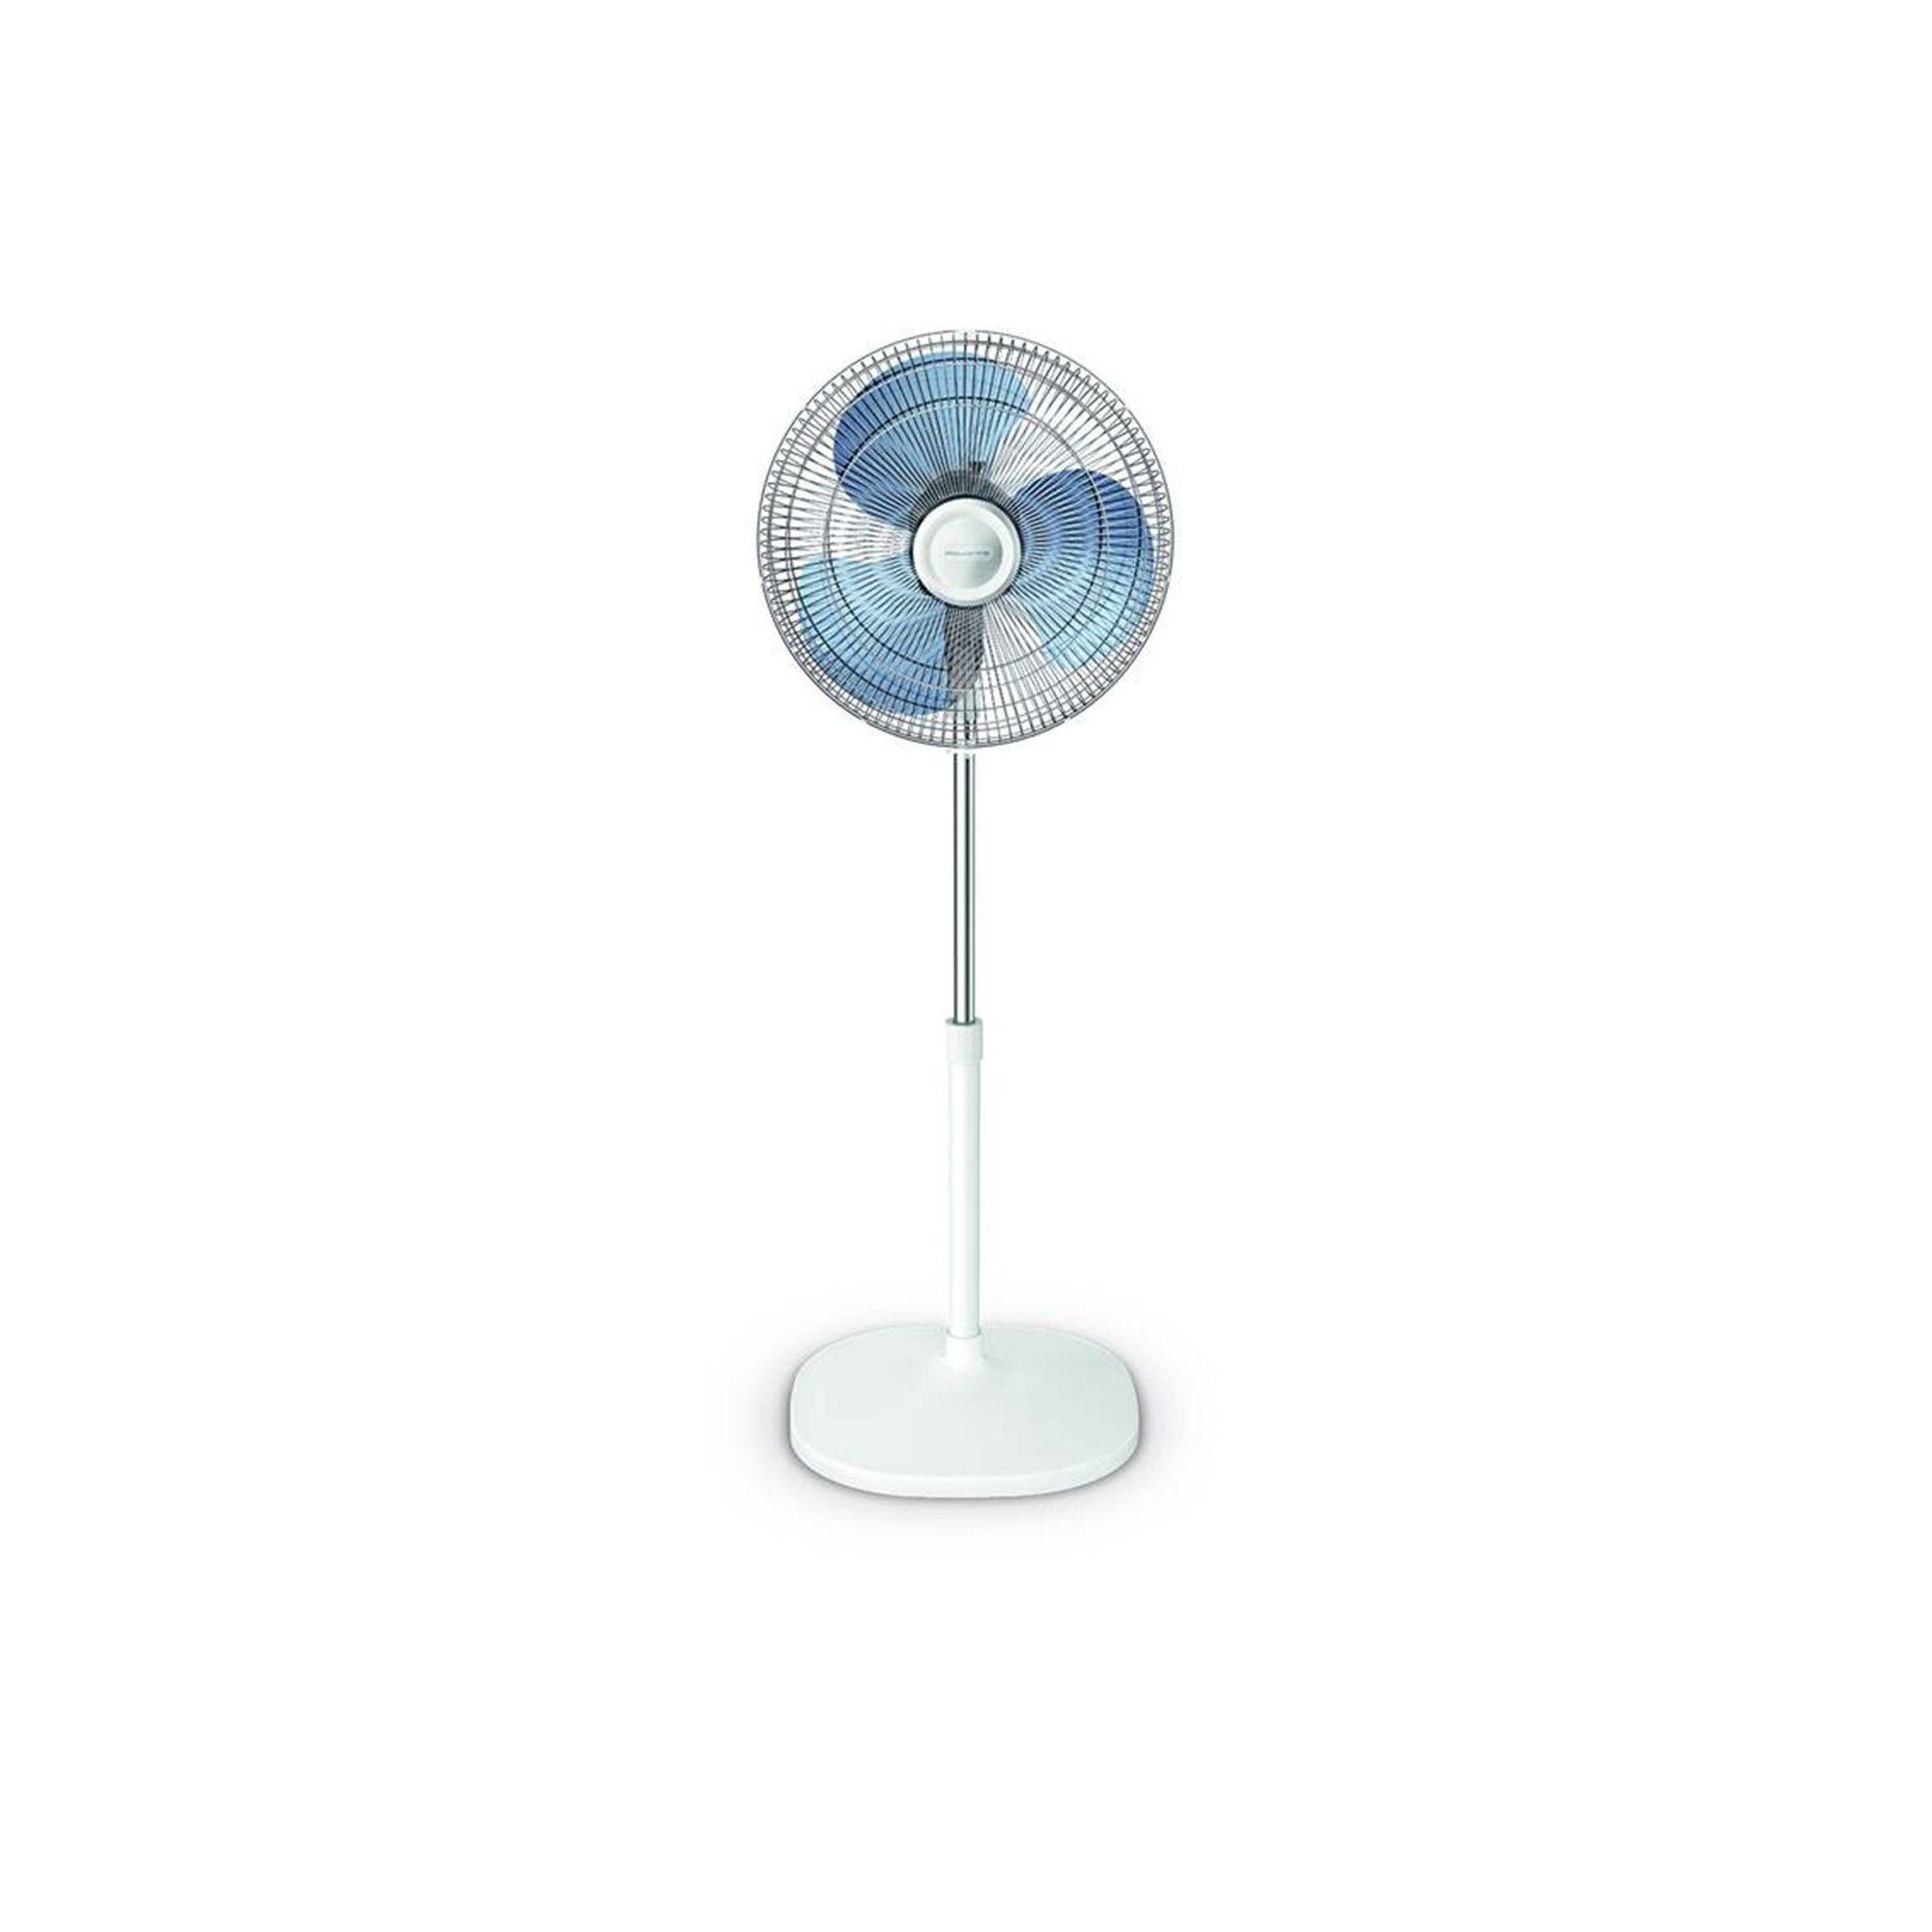 Essential ventilatore a piantana